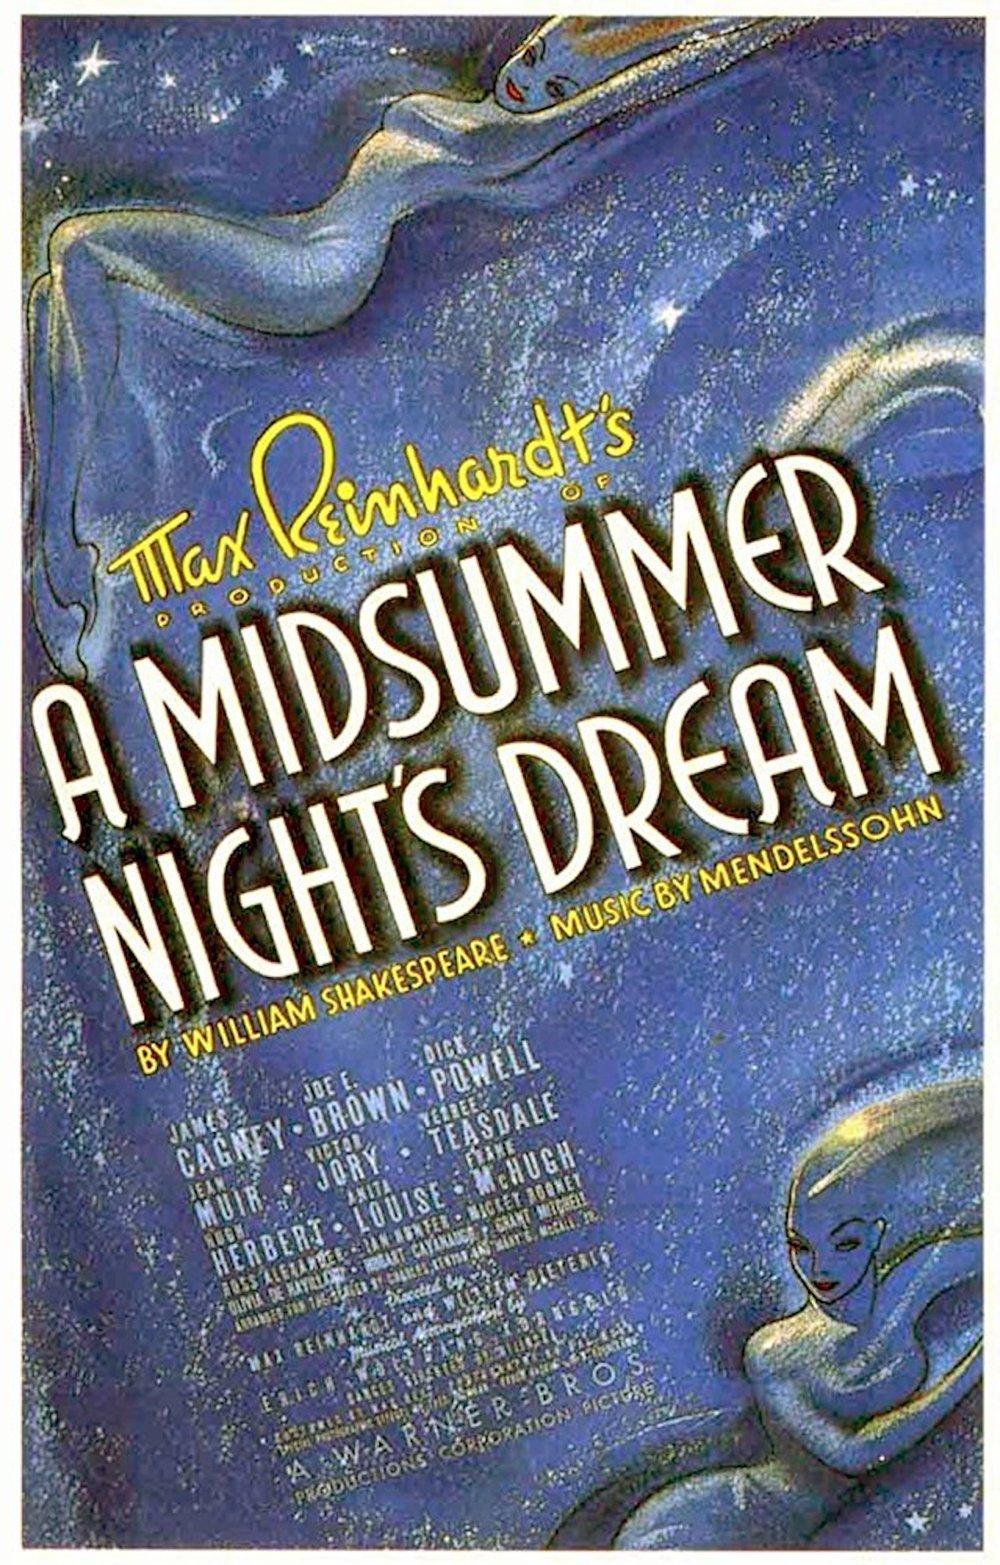 A Midsummer NIght's Dream.jpg